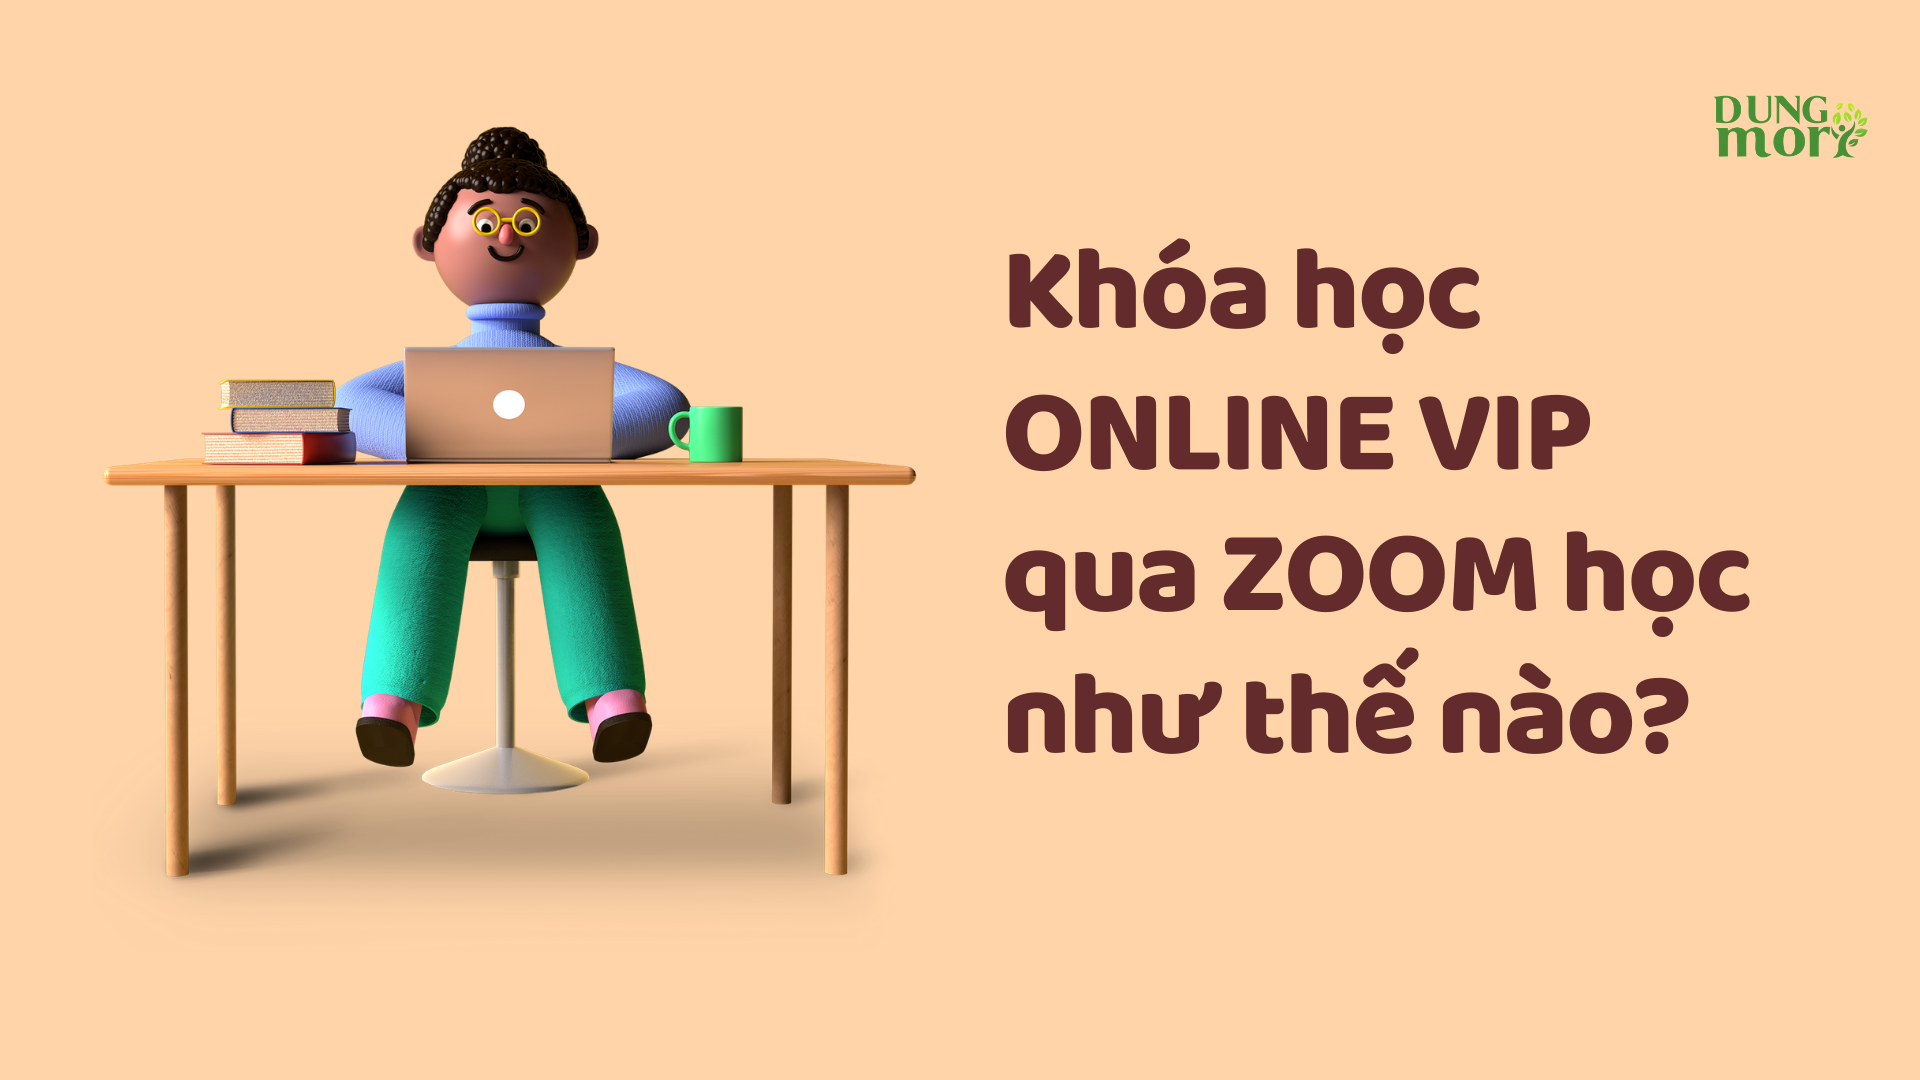 Khóa học ONLINE VIP qua ZOOM học như thế nào?